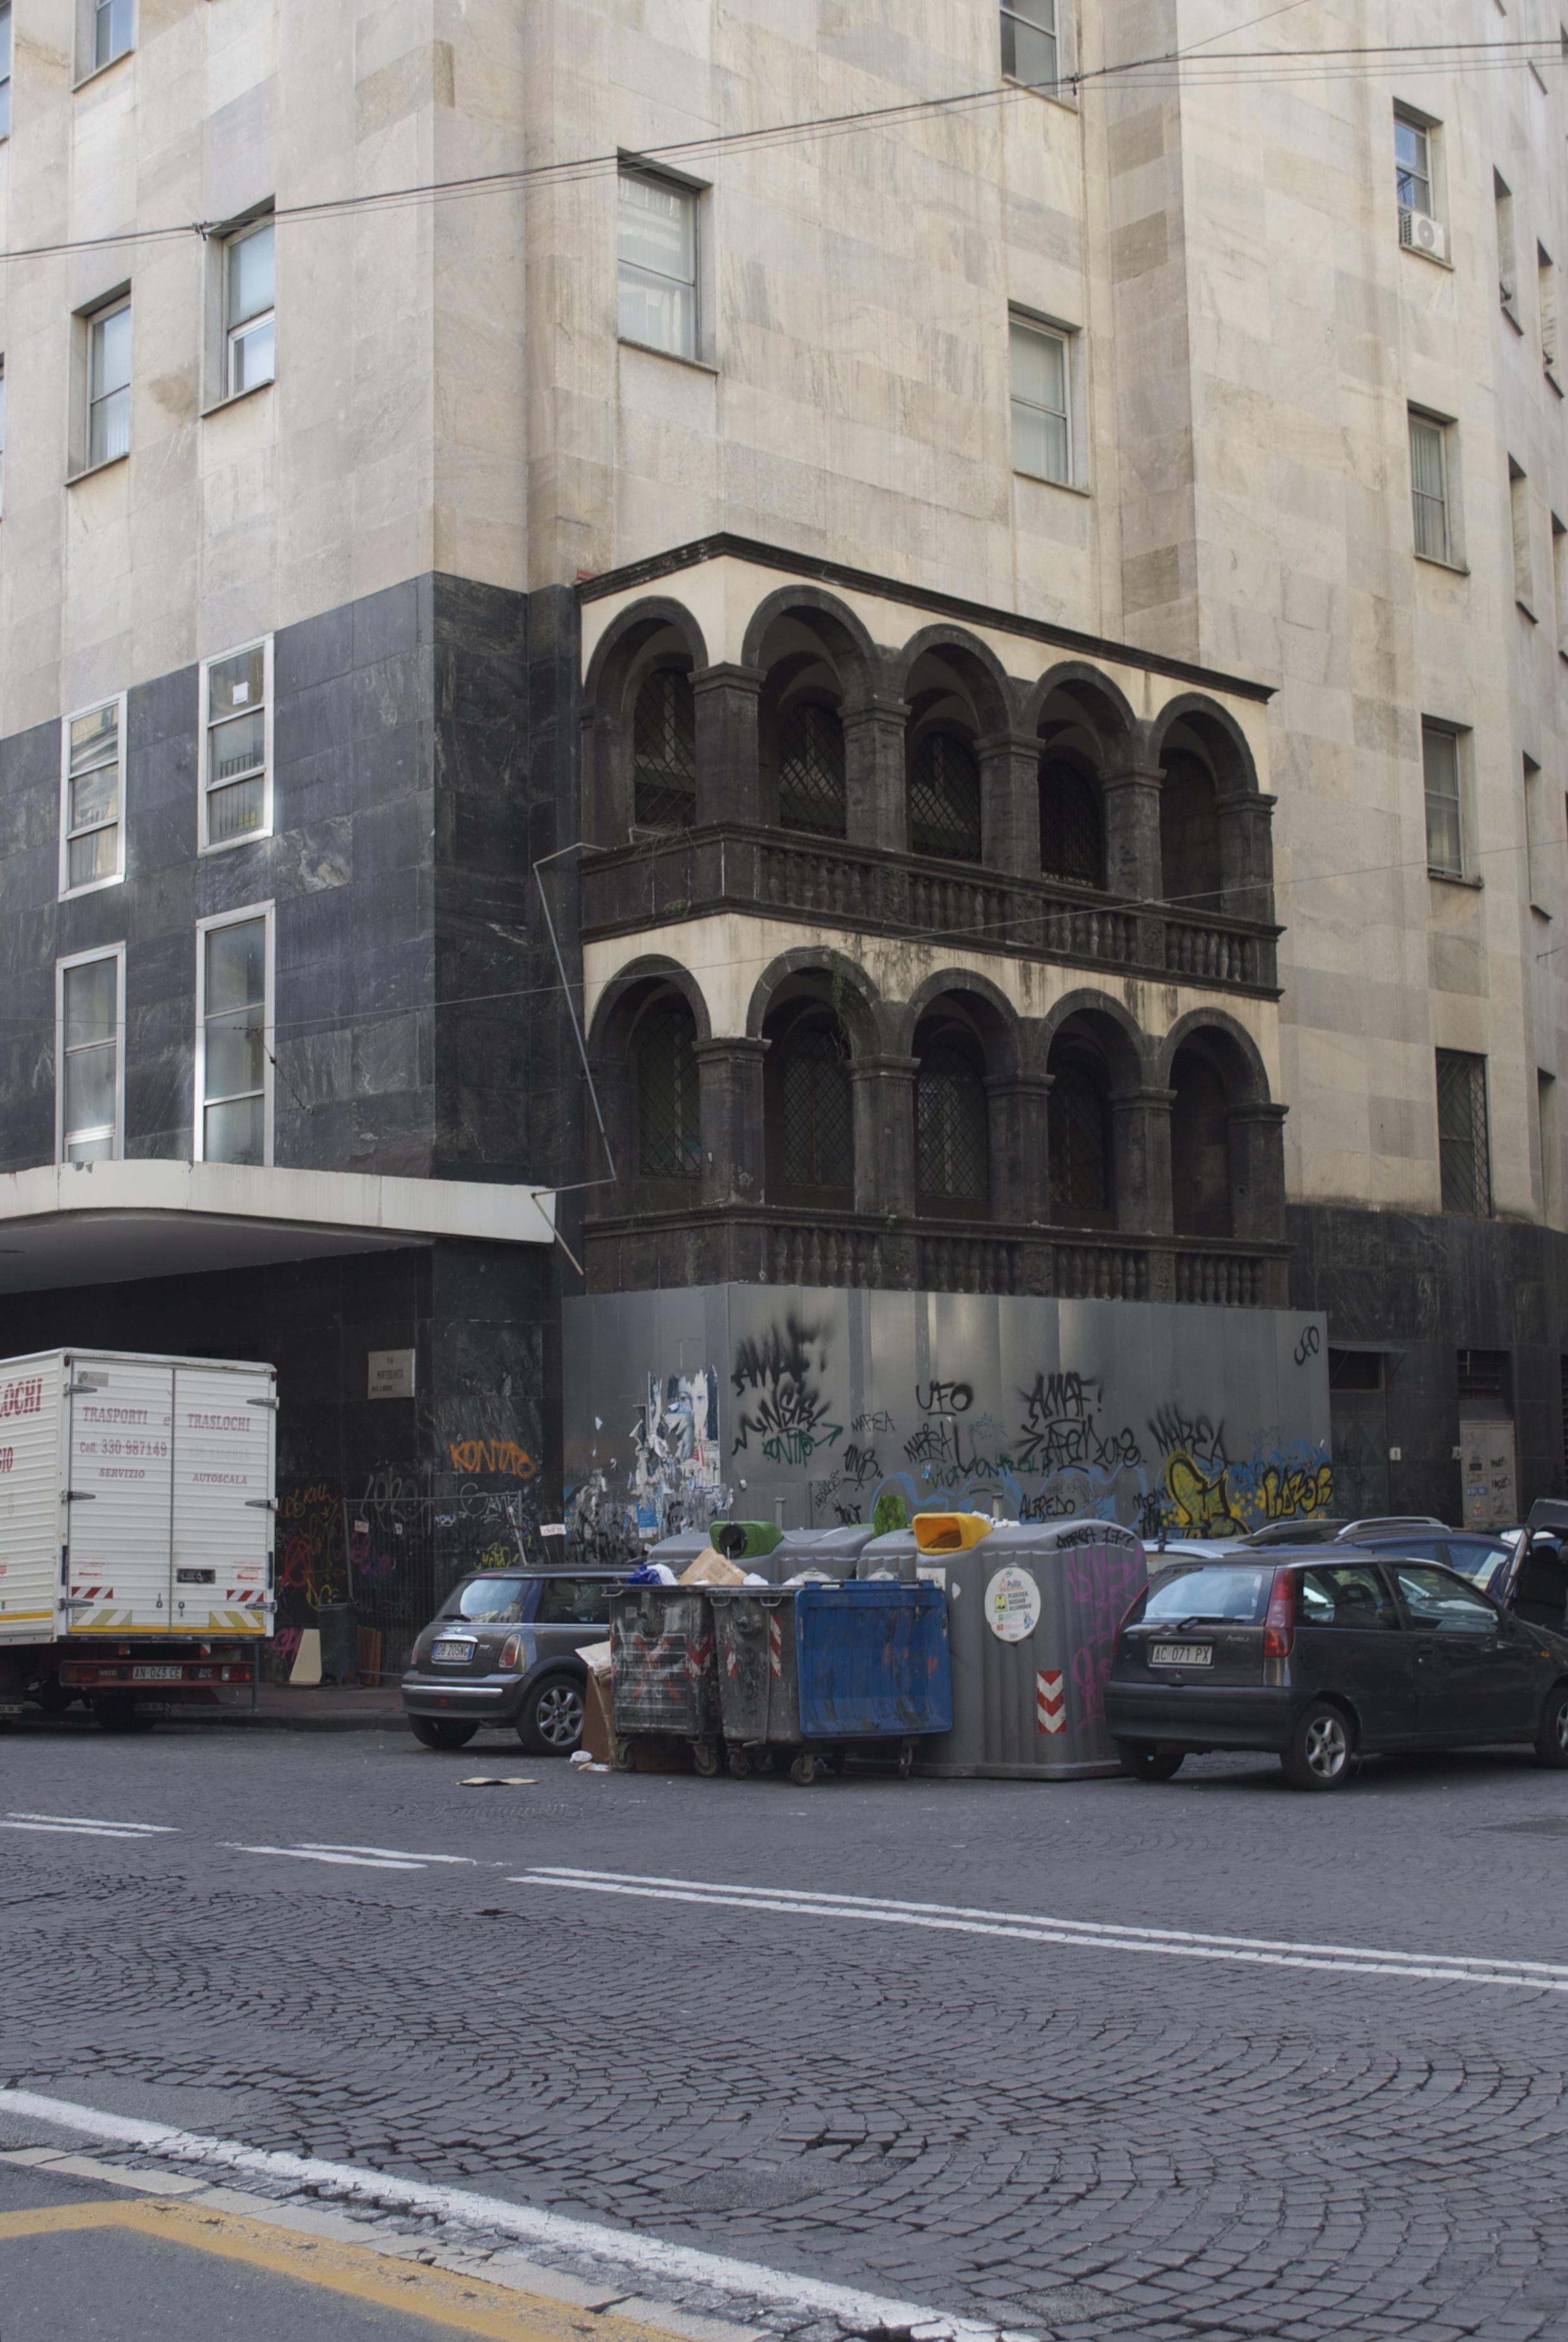 Rüchseite des Postgebäudes